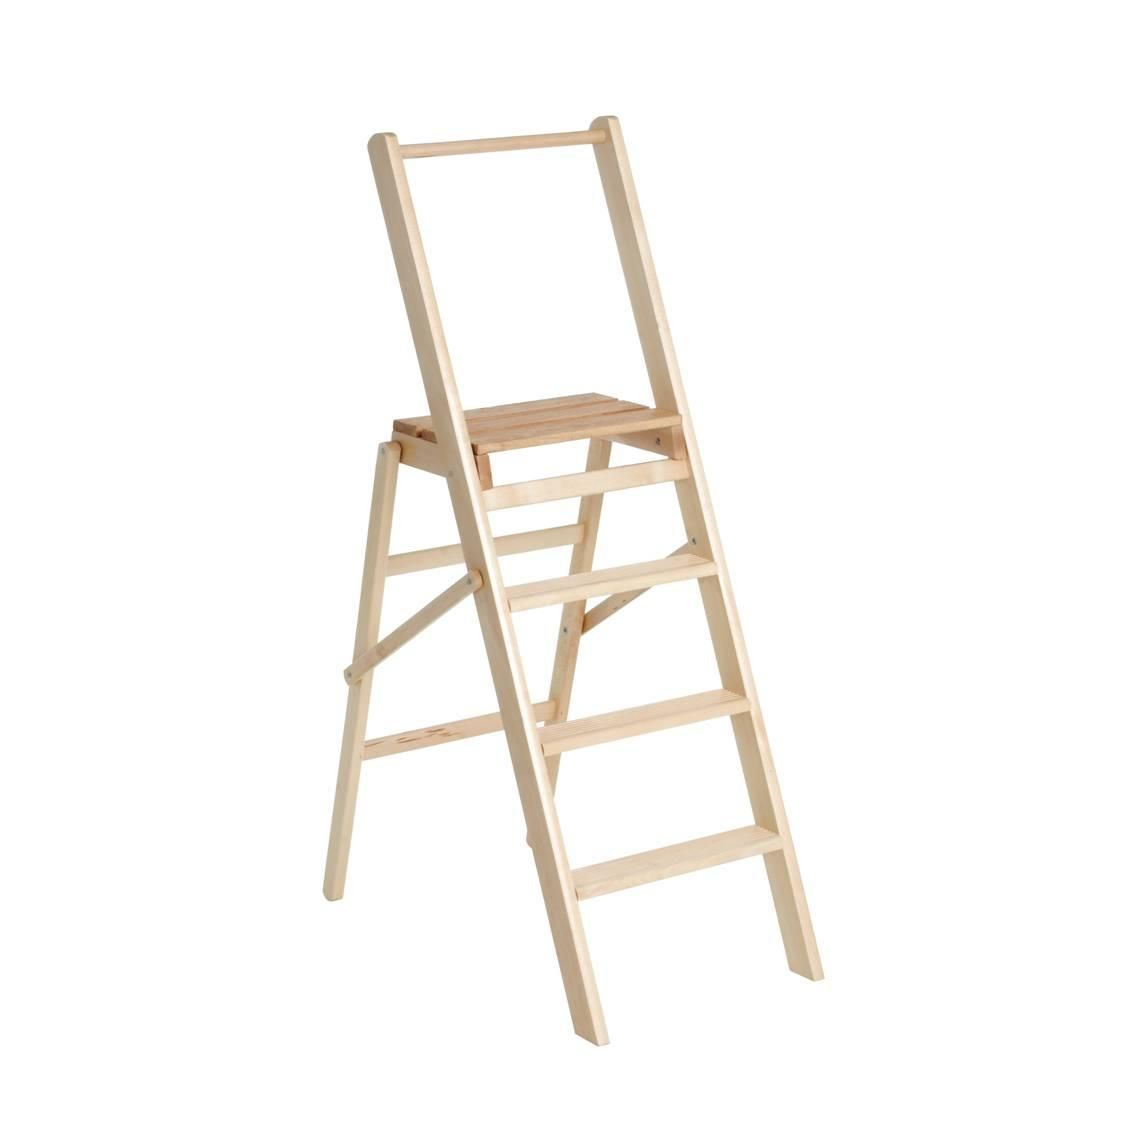 Wooden Step Ladder from Summerill u0026 Bishop.  sc 1 st  Pinterest & Wooden Step Ladder from Summerill u0026 Bishop.   Downton Abbey ... islam-shia.org